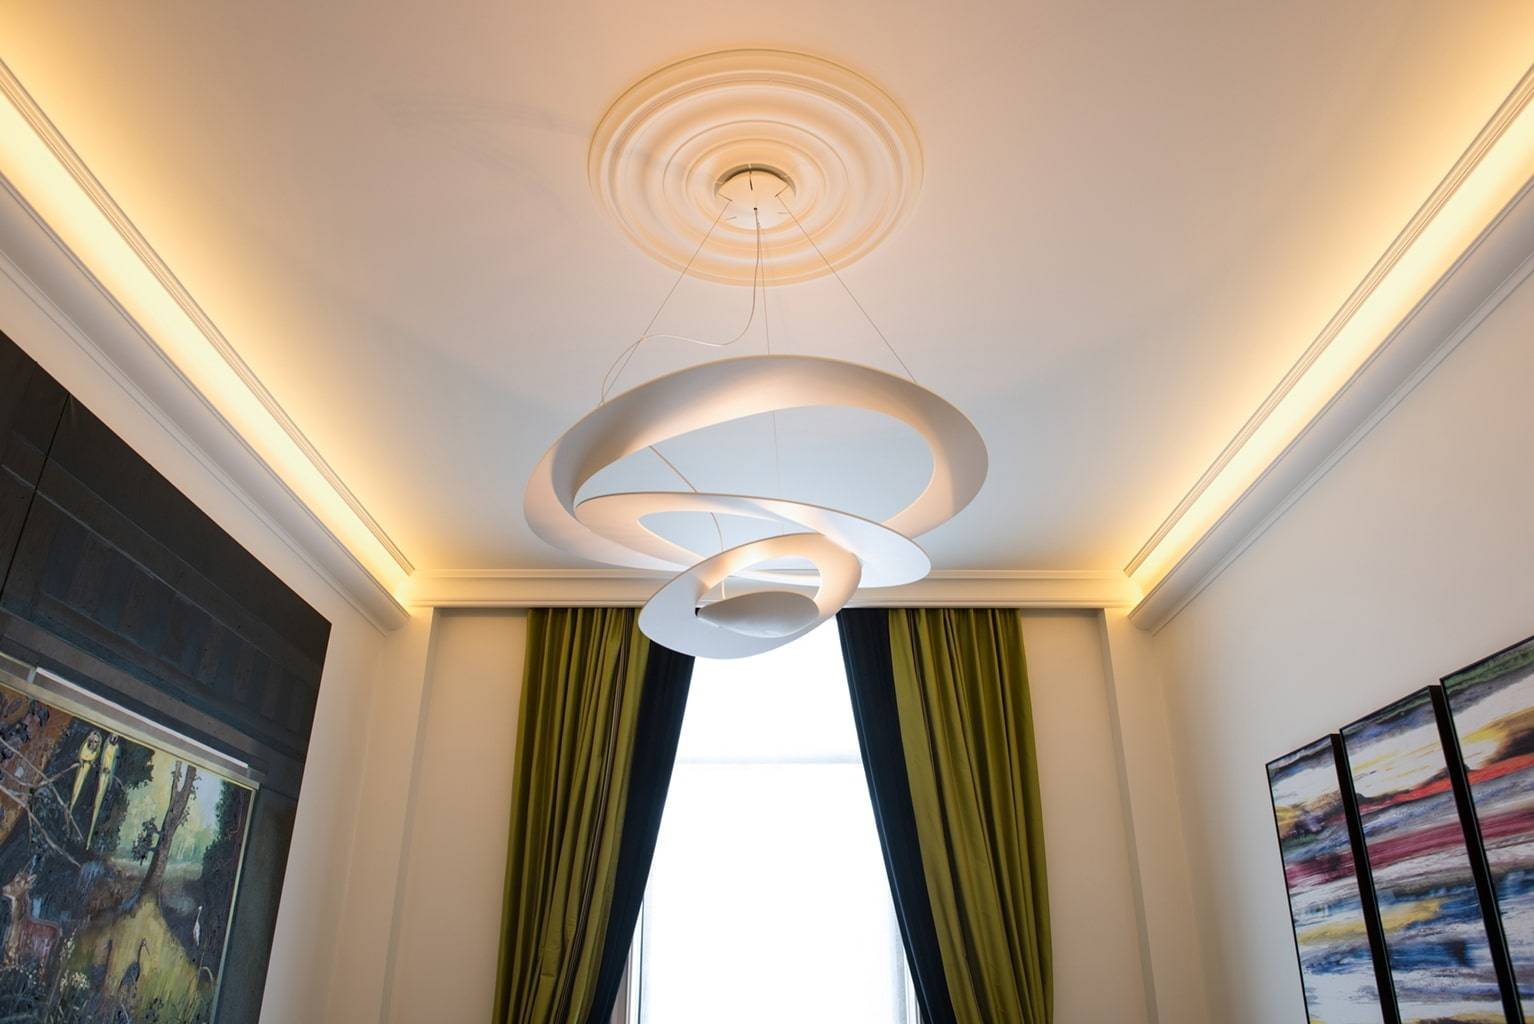 Потолок с подсветкой: 100+ фото, идеи с светодиодной лентой, дюралайт, спотами, софитами